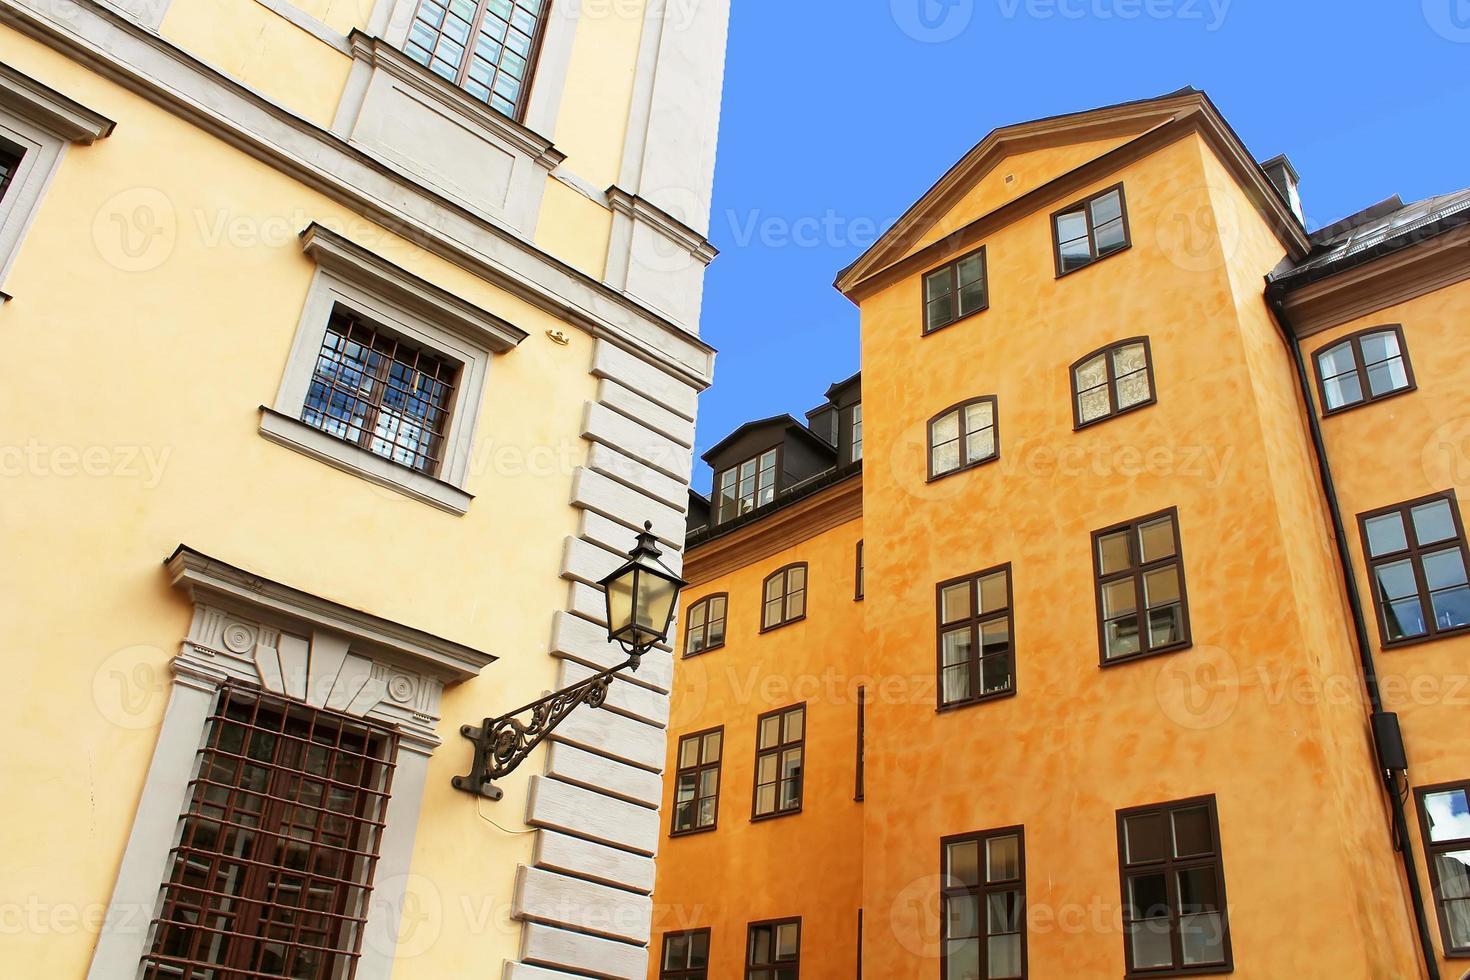 gamla byggnader och lykta, stockholm, sverige foto